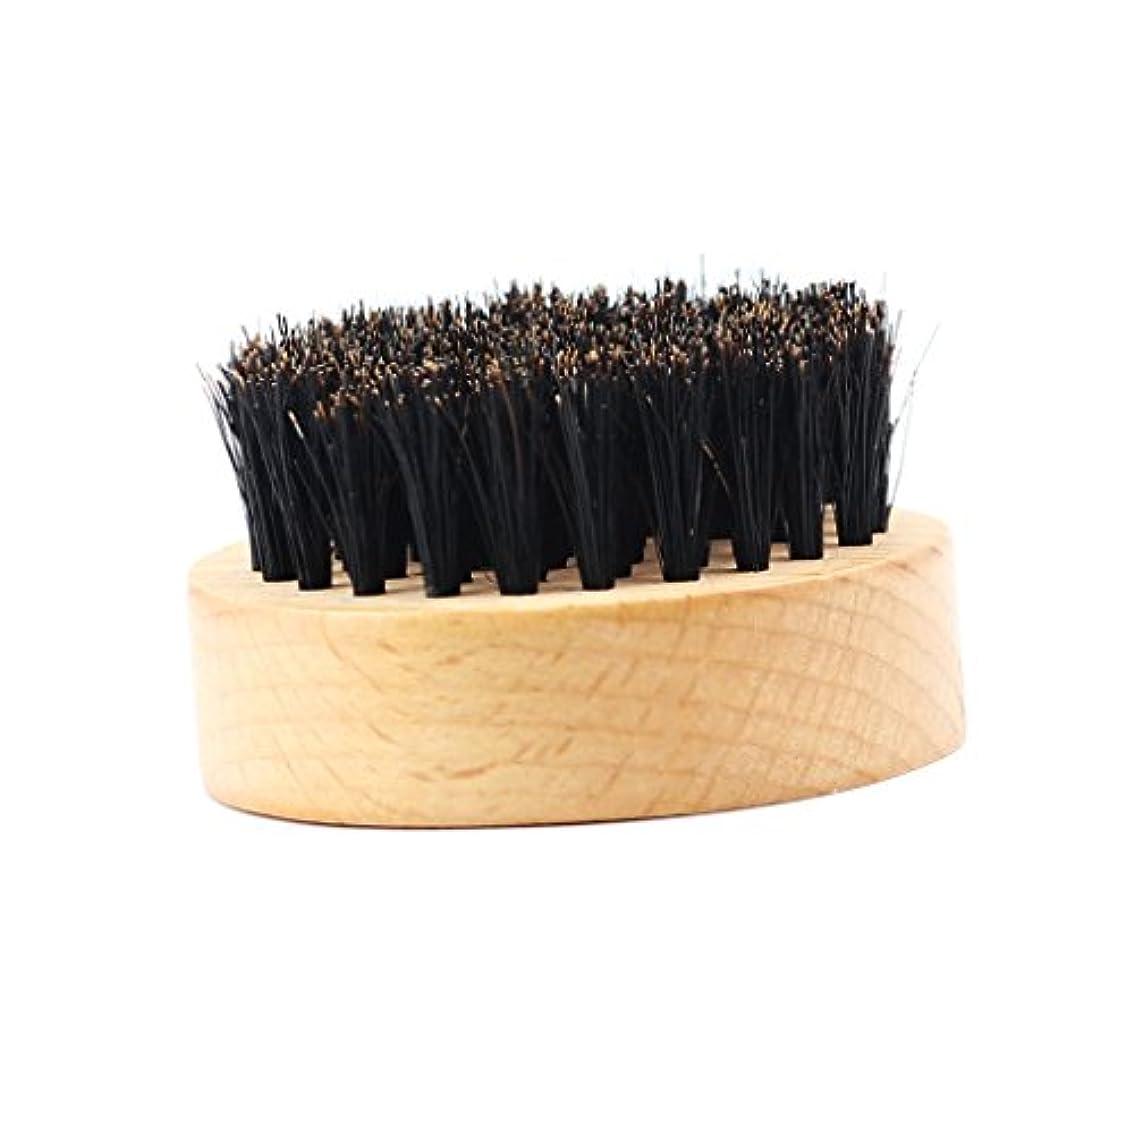 インポートレンダリング顕現DYNWAVE 男性のひげ剃り猪ブリスル天然木ハンドルひげそりグルーミング - #2